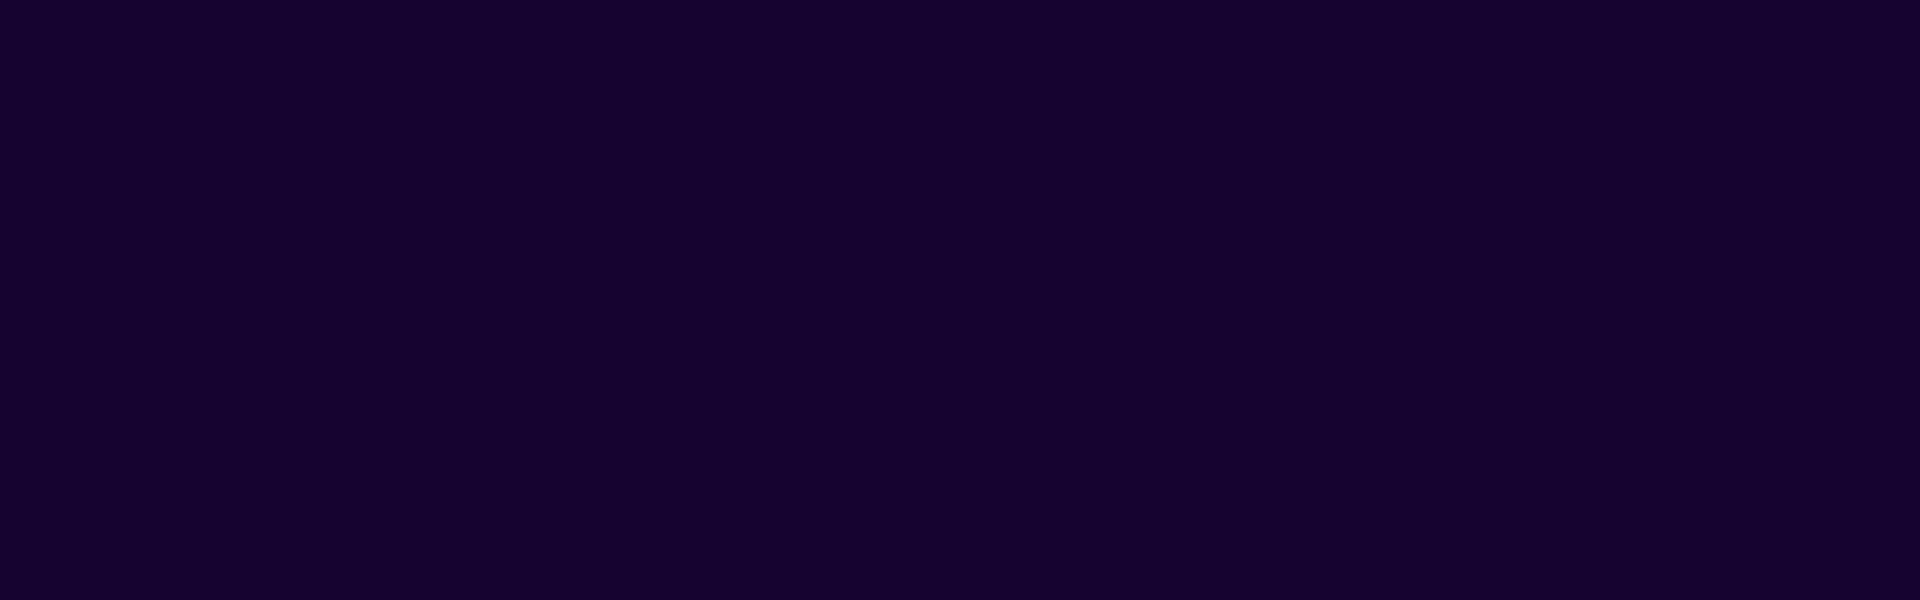 purple-bg